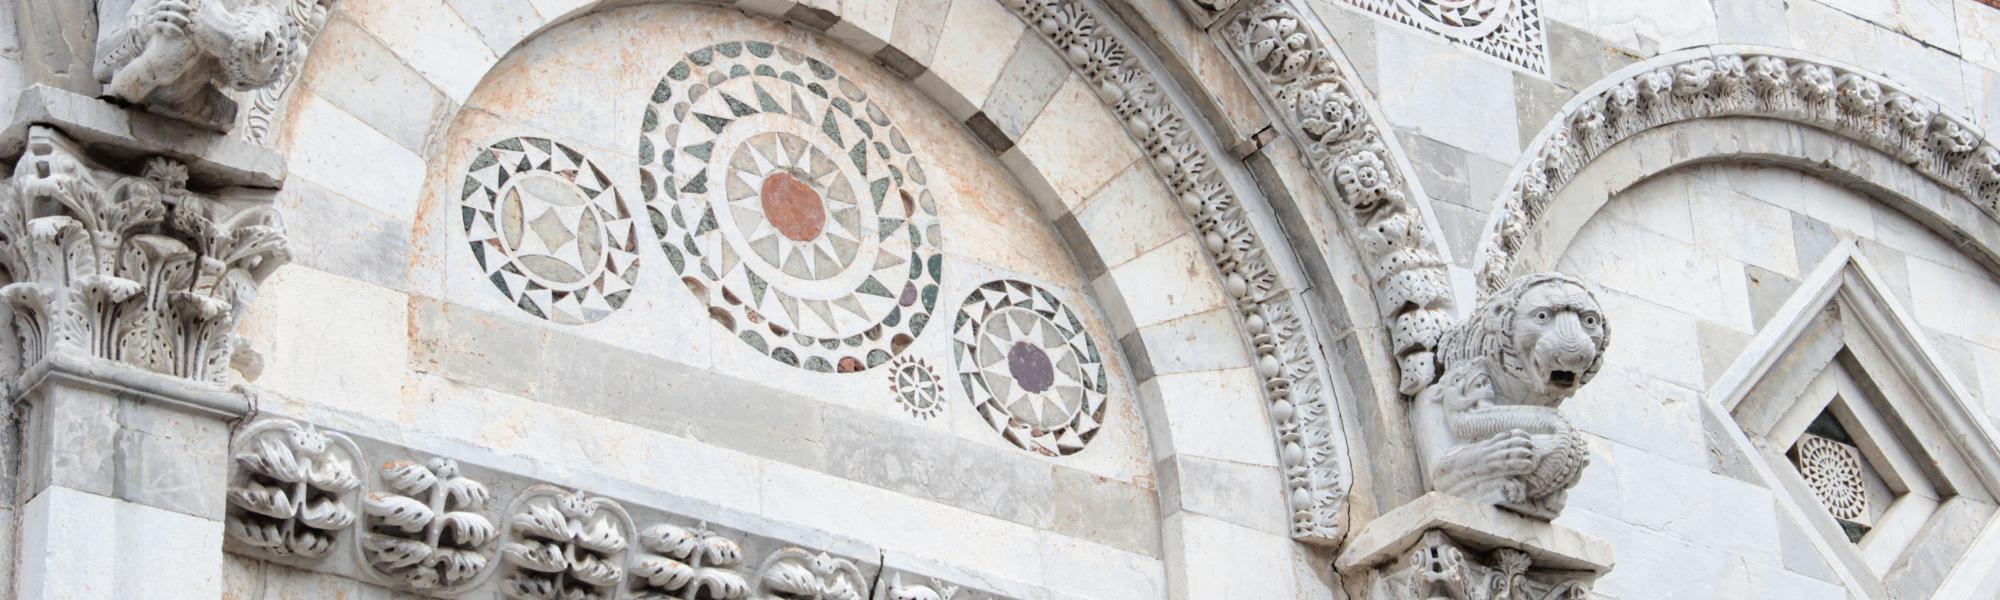 Particolari facciata - Chiesa di S. Paolo all'Orto (G. Bettini)